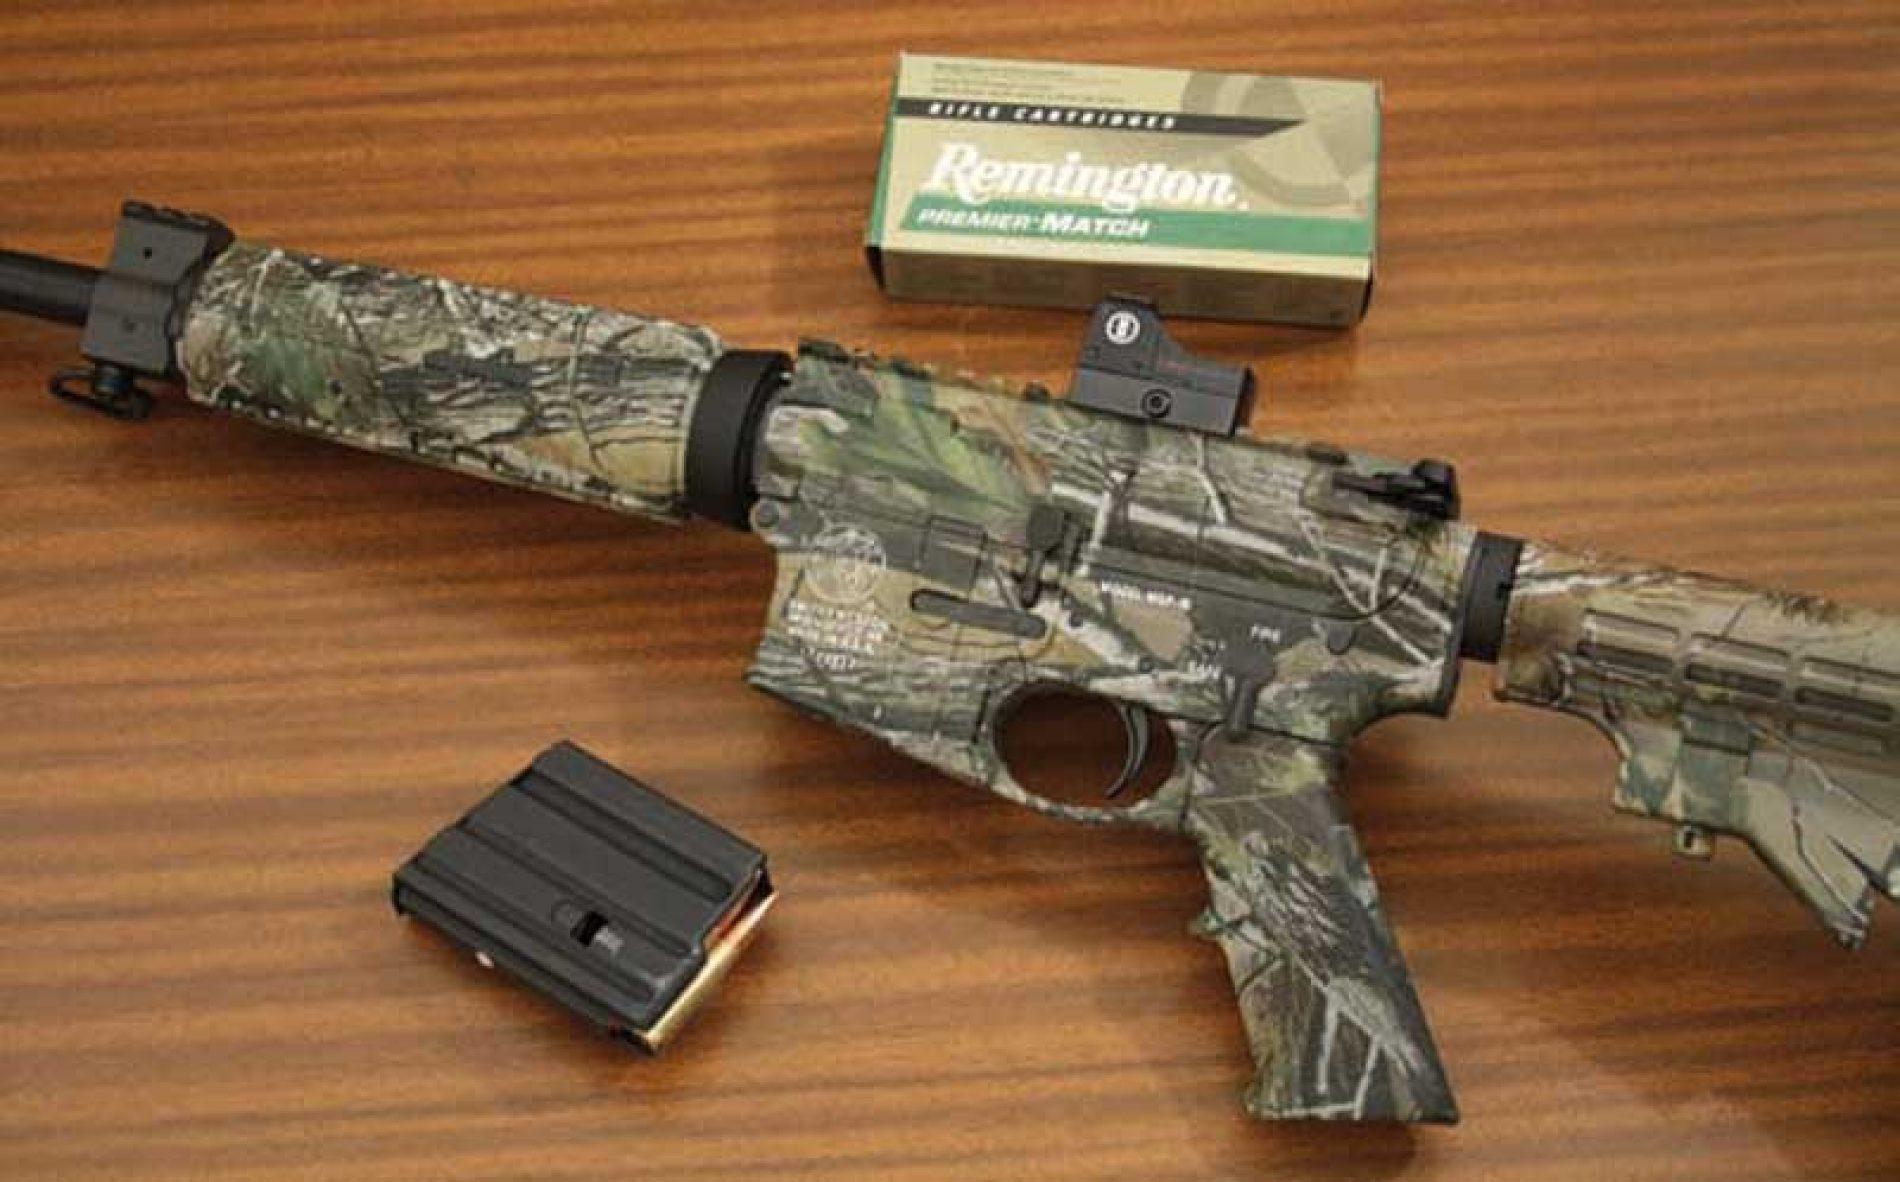 Prueba del rifle AR Smith & Wesson M&P 15 para tiro y ¿caza?